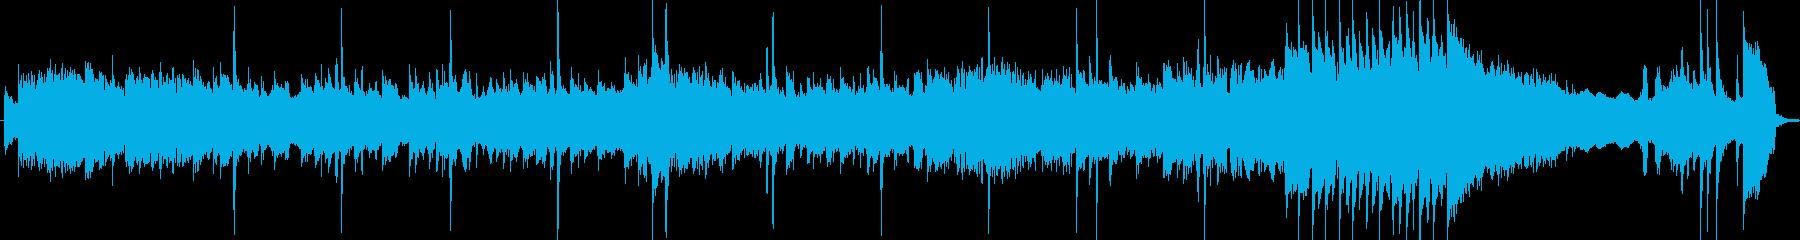 アコギとエレキの揺らぎがマッチする曲の再生済みの波形